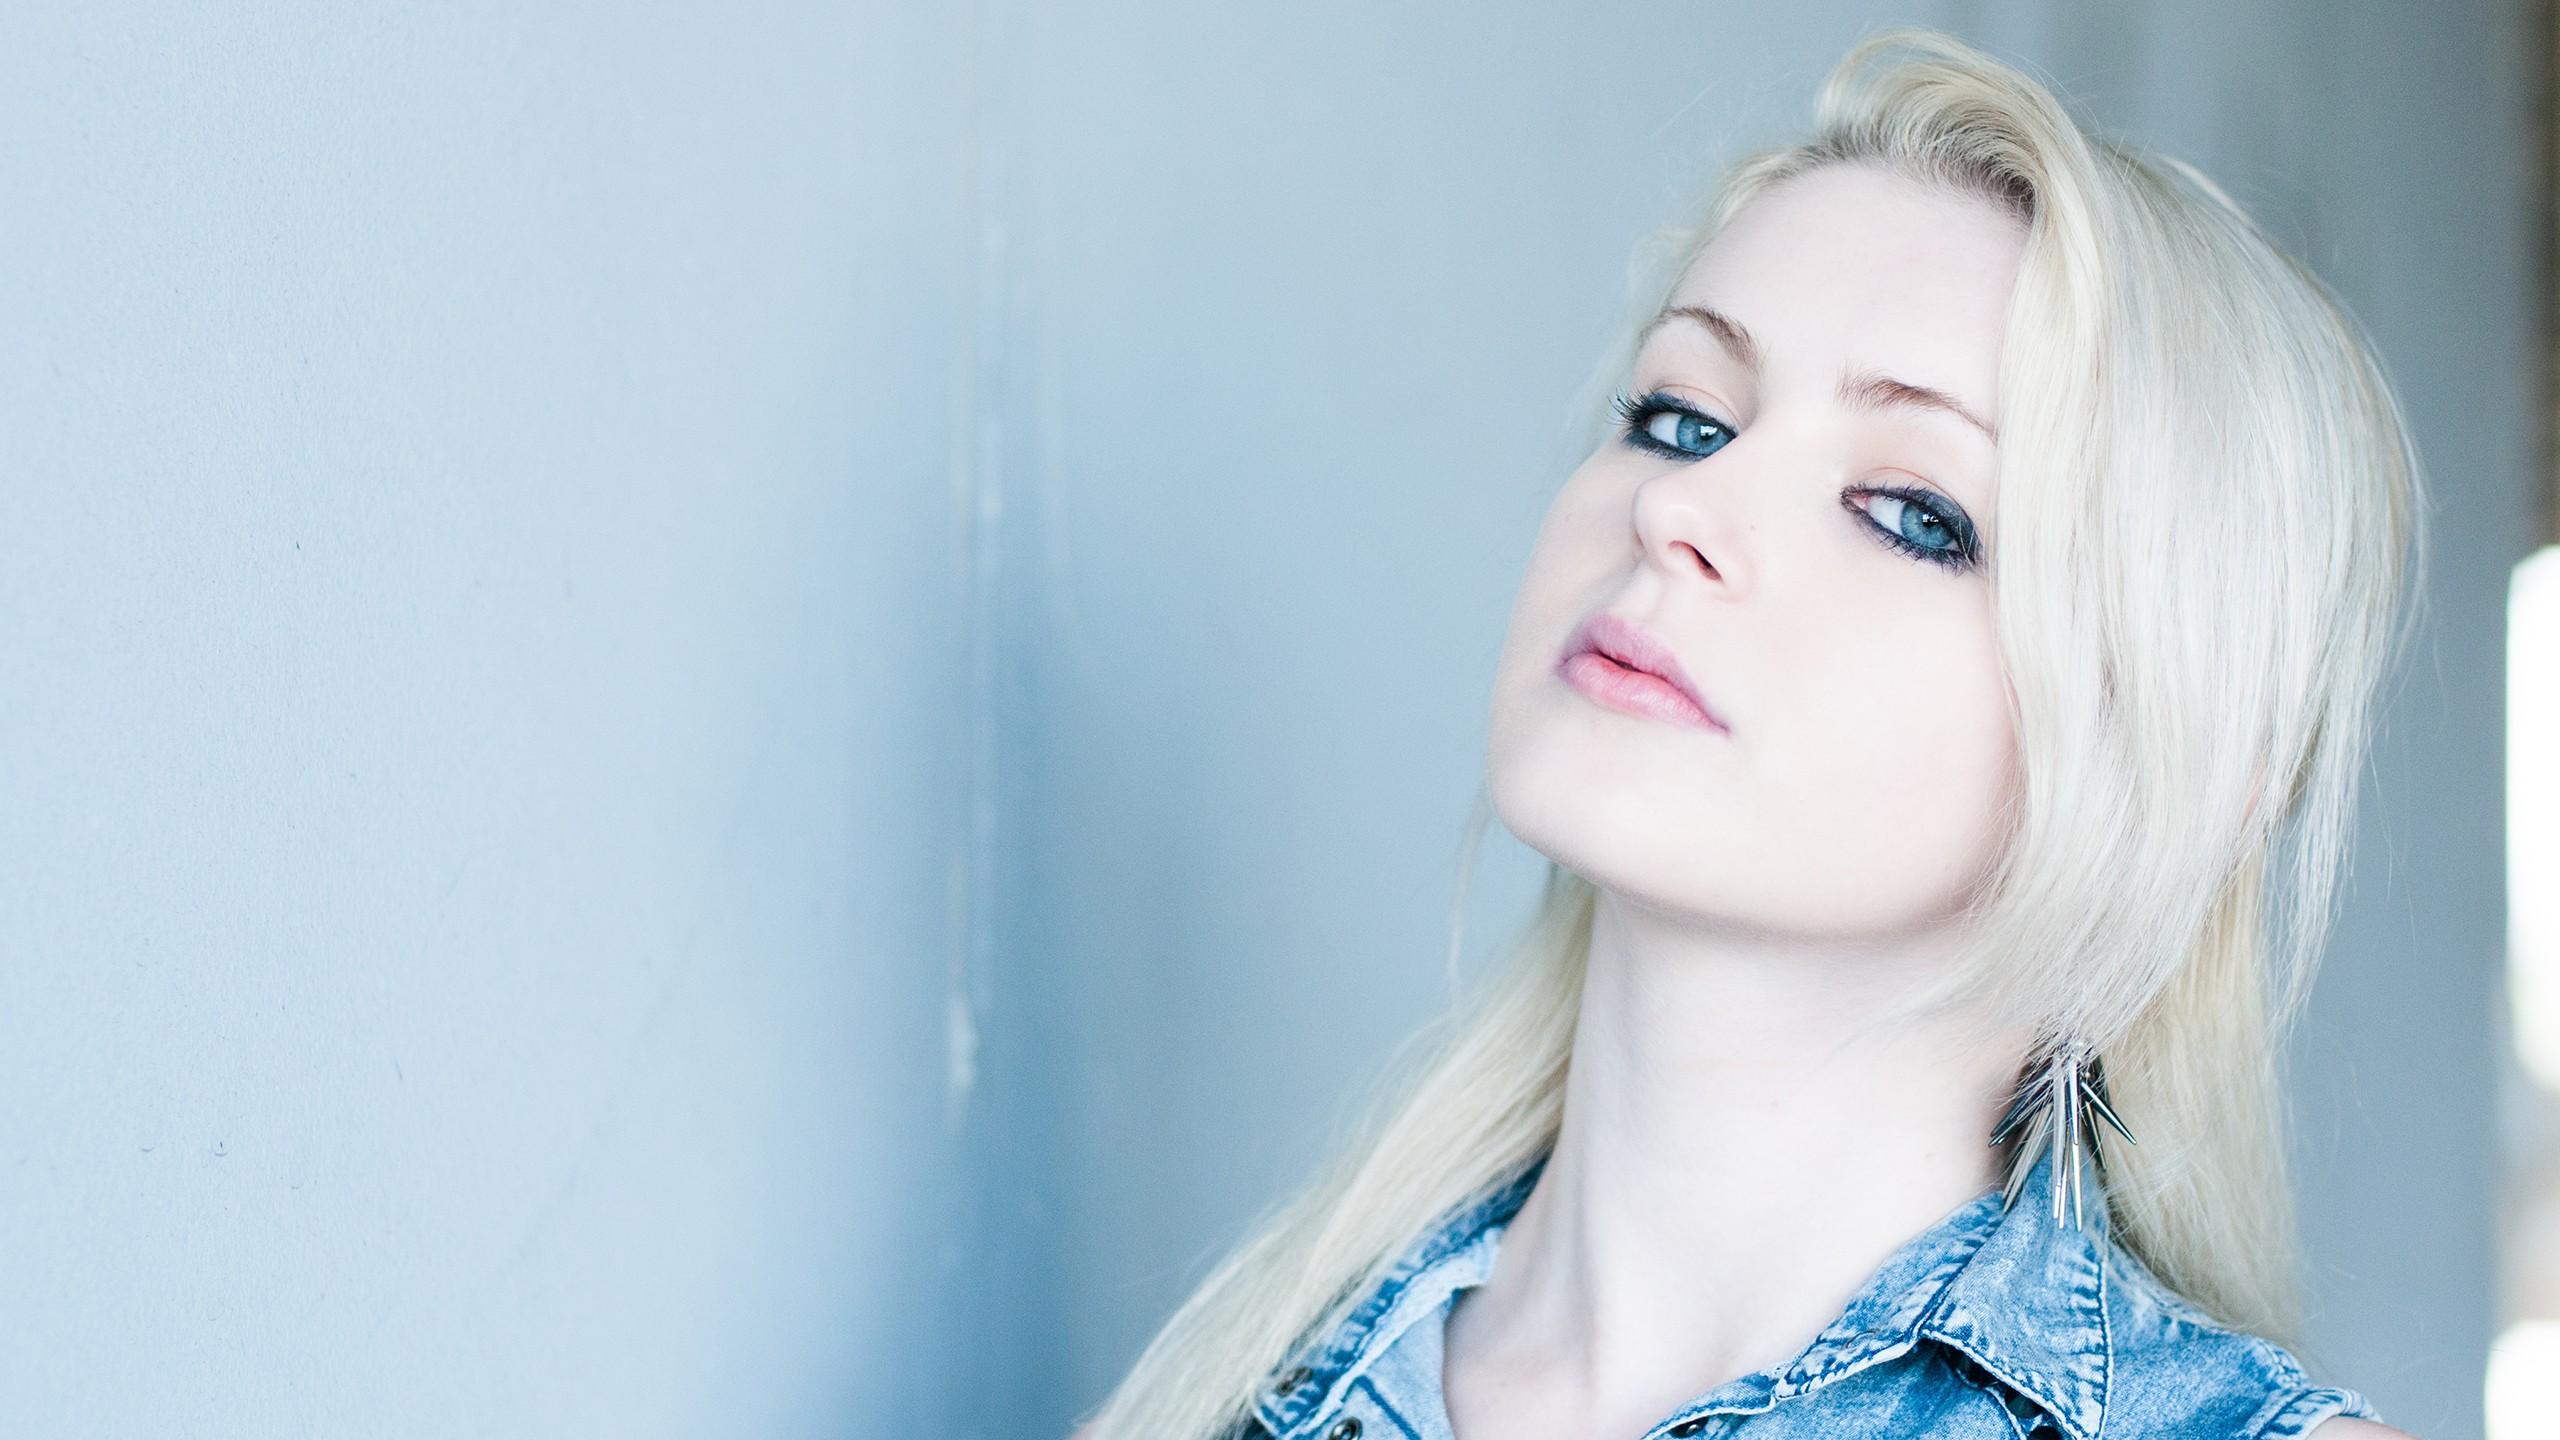 بازی چشم آبی دخترای چشم آبی